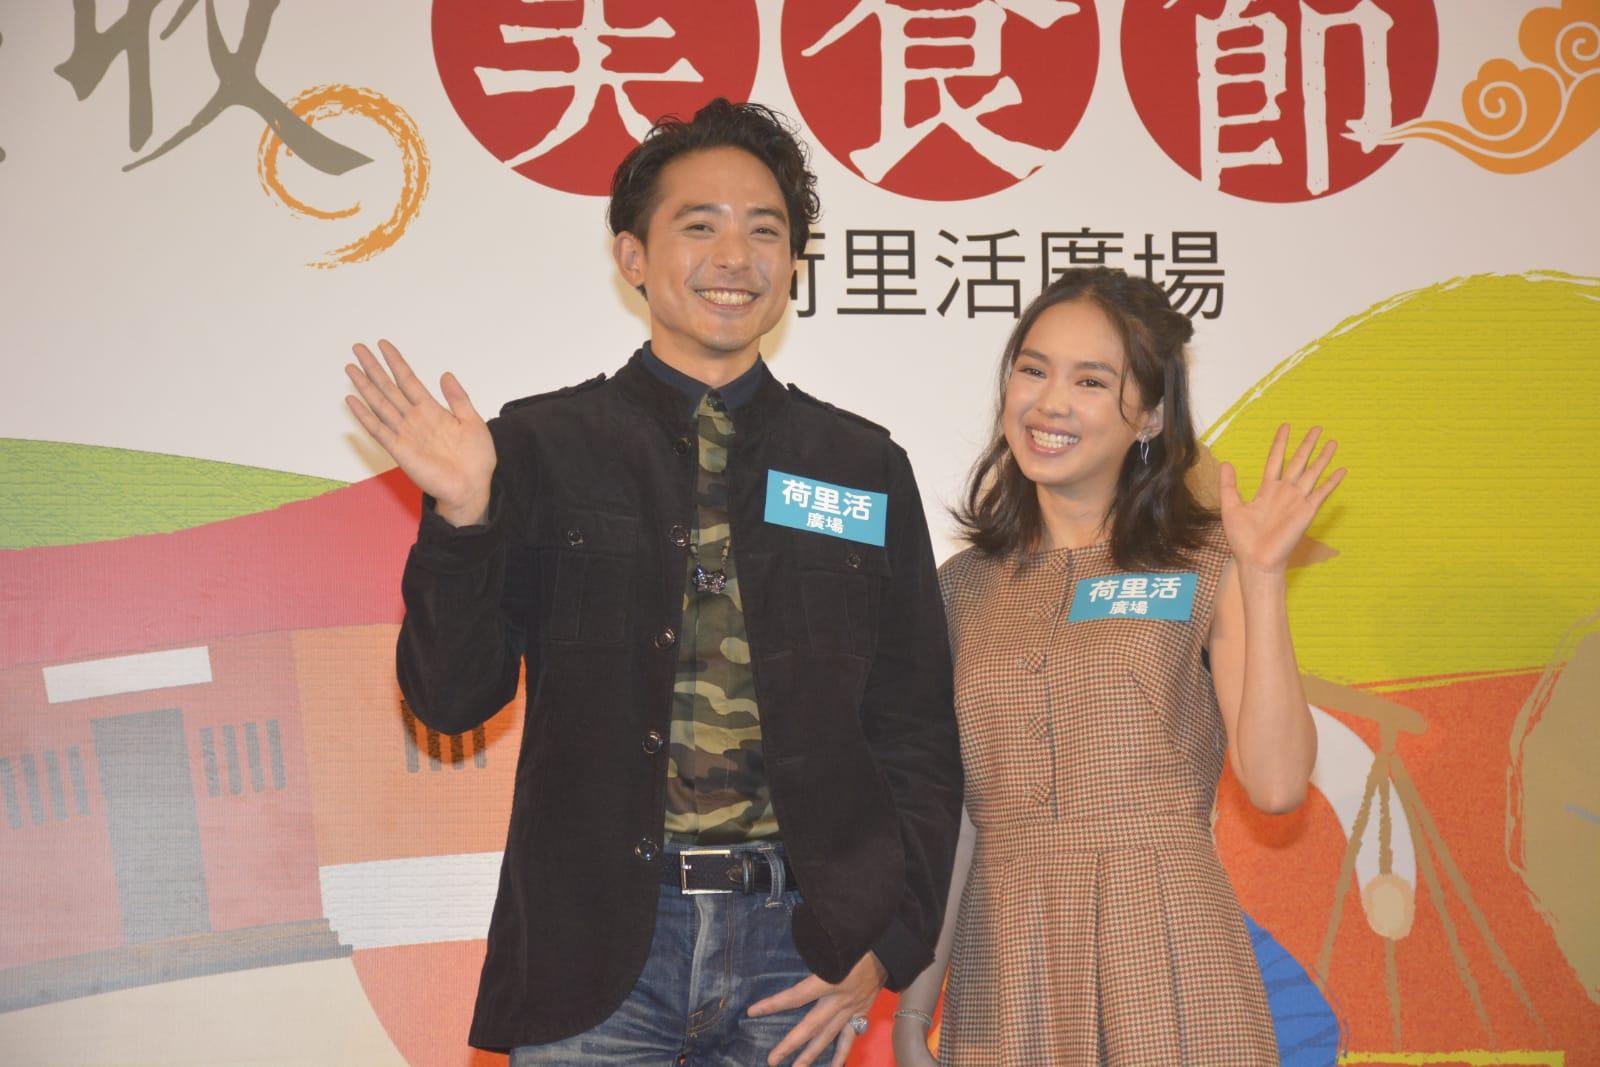 林德信和蘇麗珊出席台灣美食節活動。